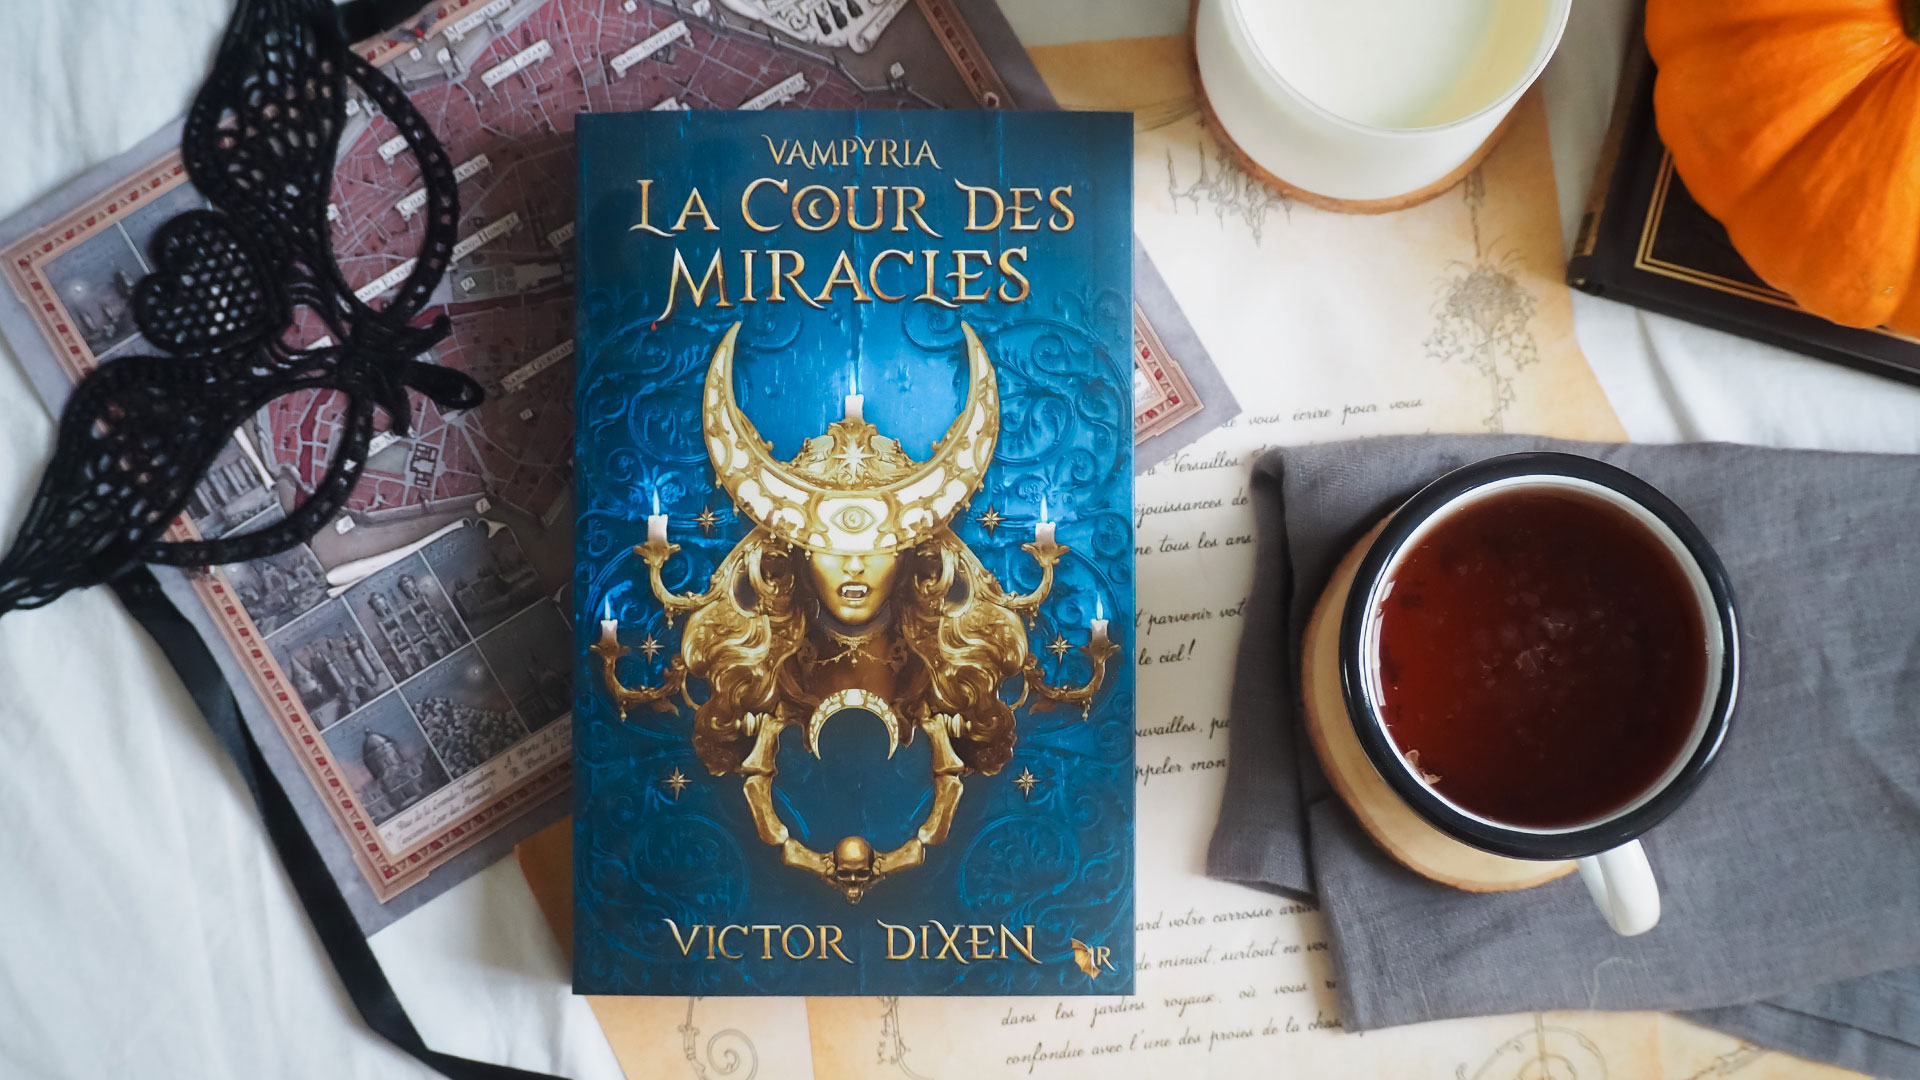 Vampyria Victor Dixen